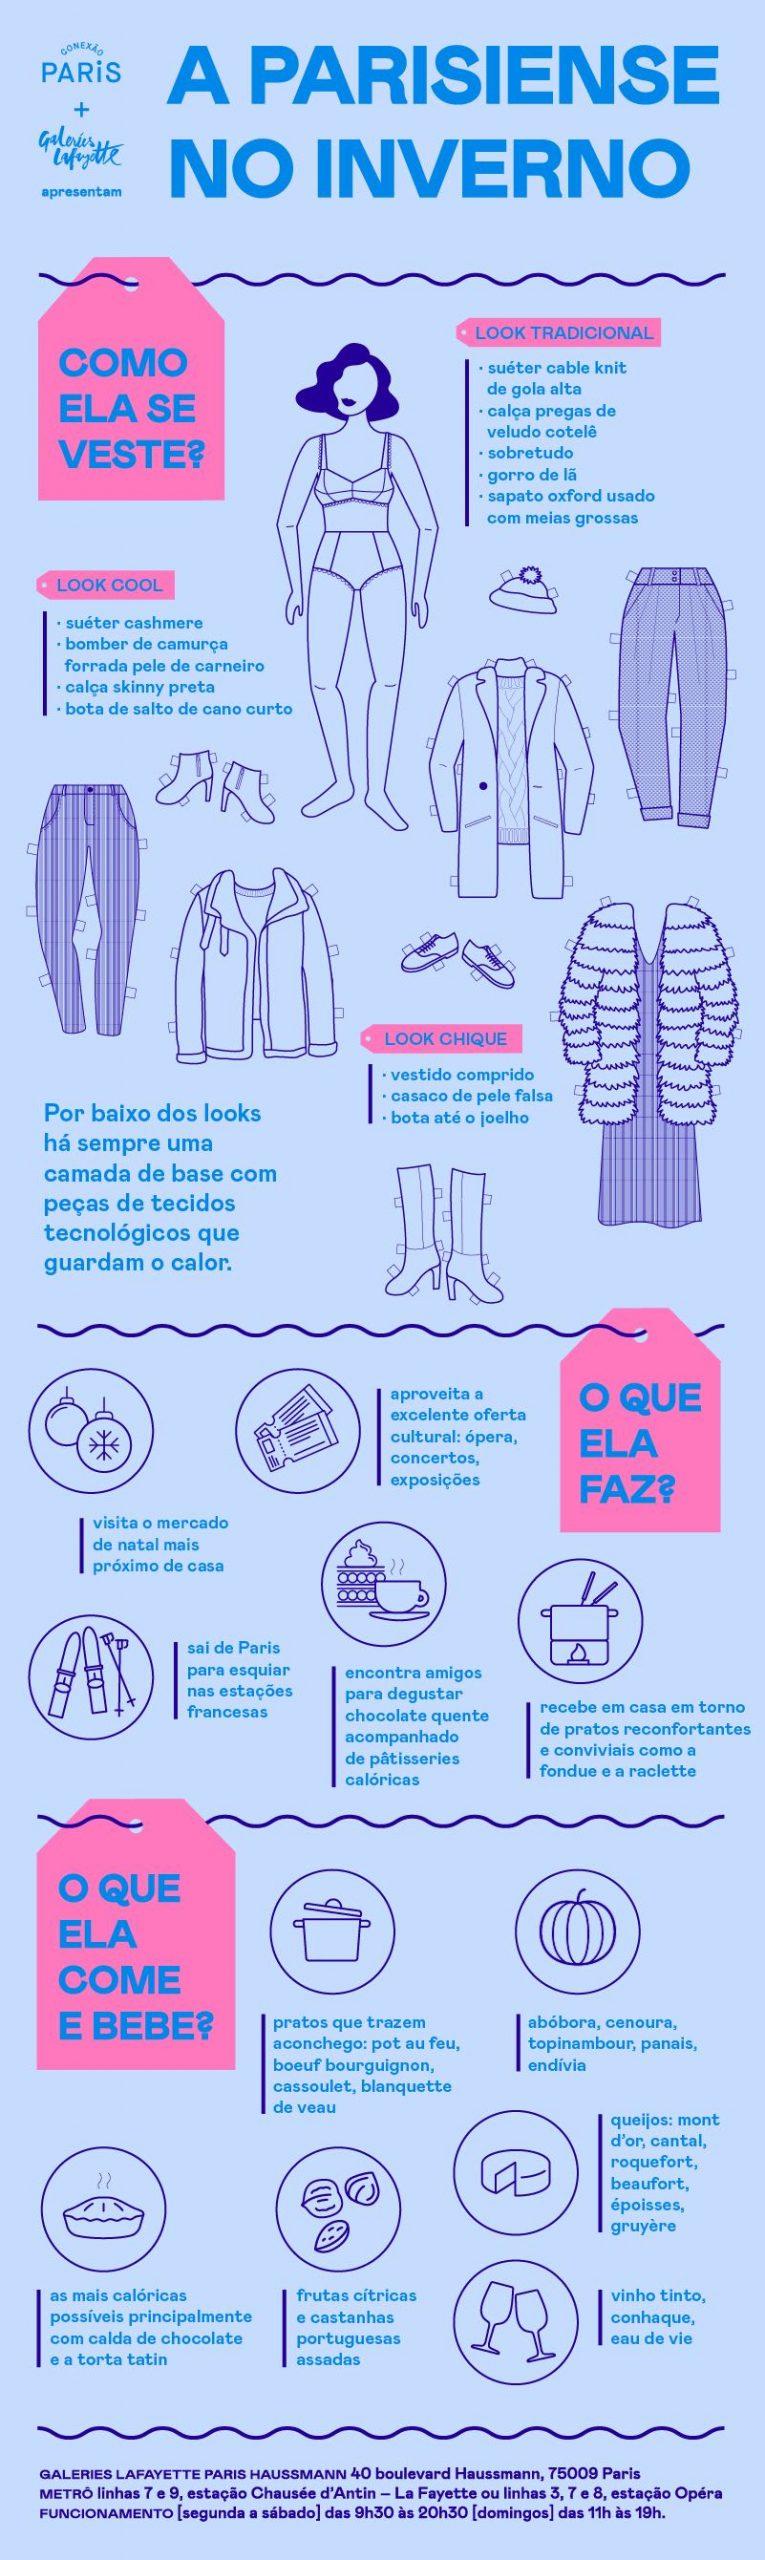 como se vestir no inverno em paris